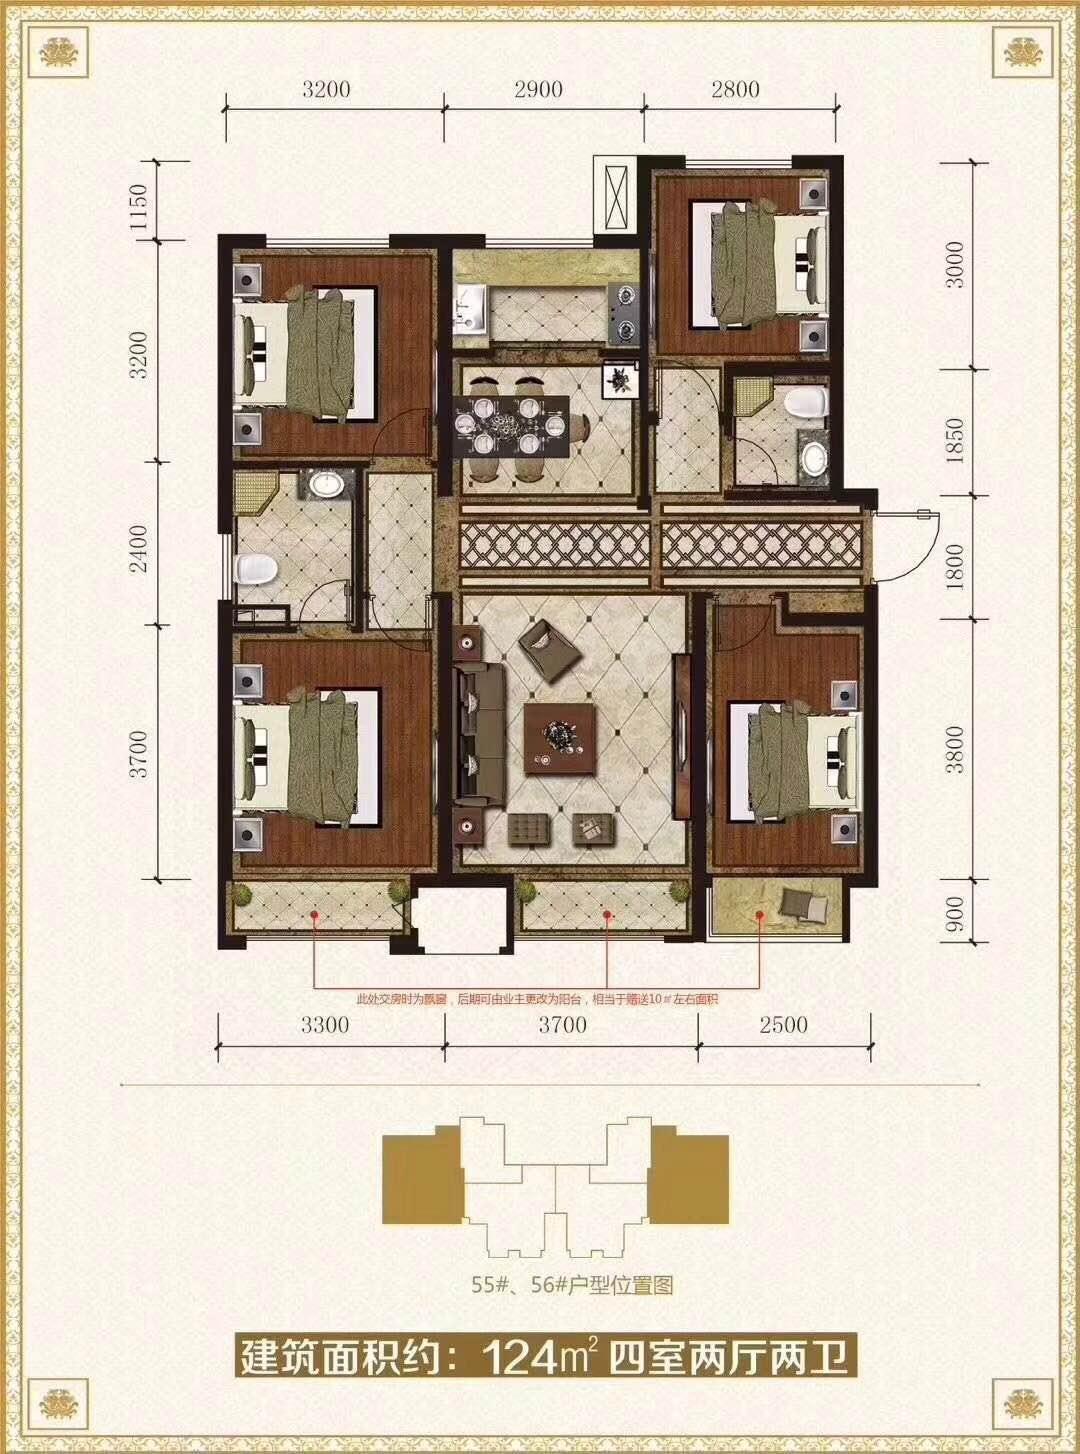 岸上澜湾新房加推124平米带衣帽间的好房子